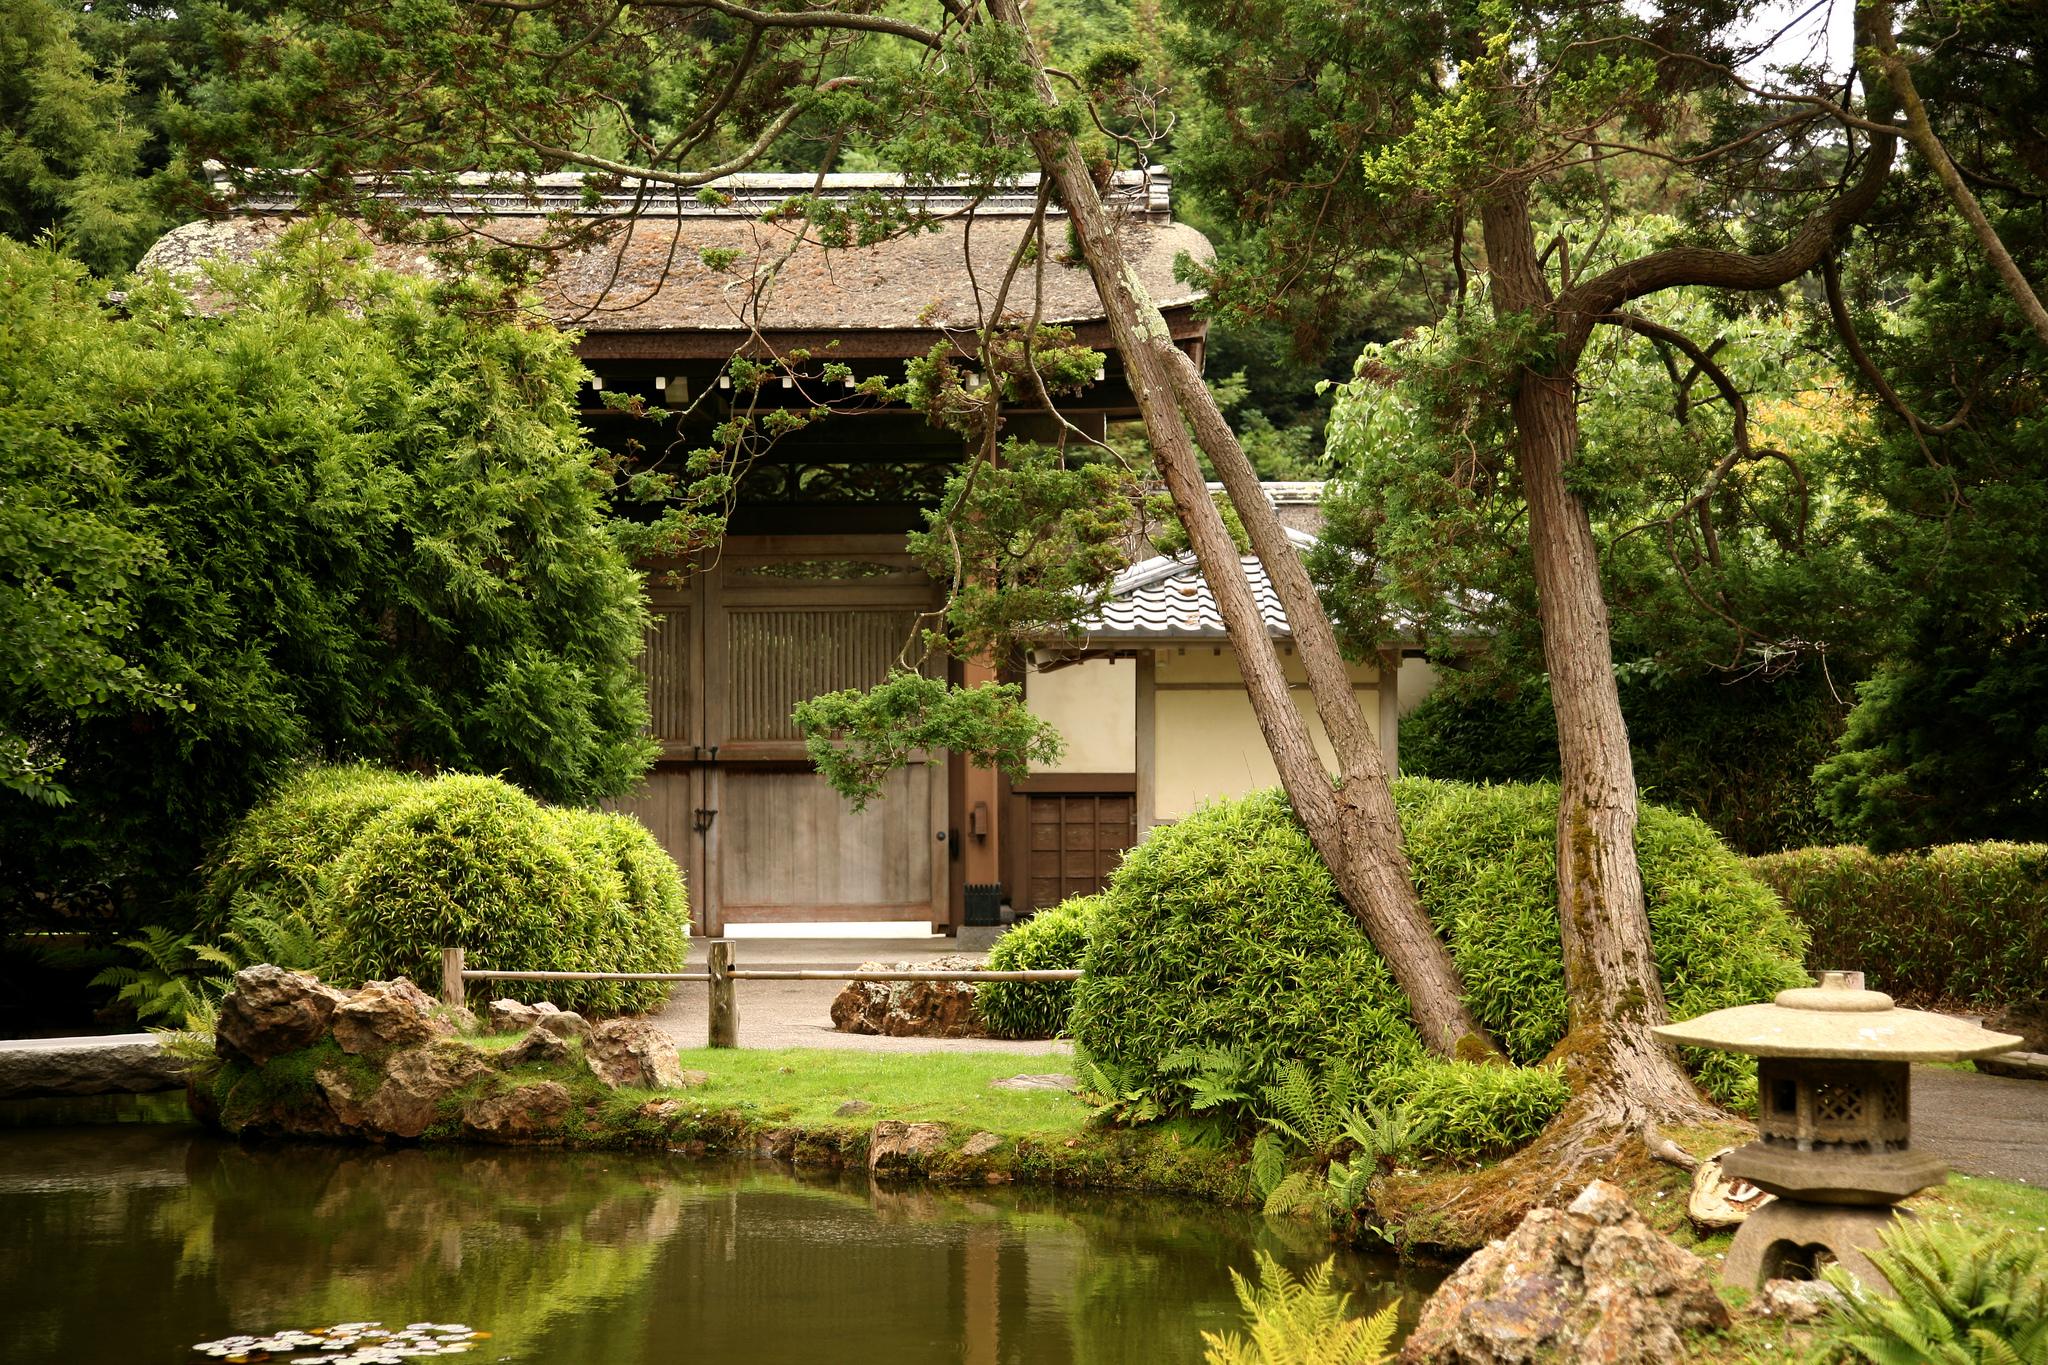 японский чайный домик фото терпения